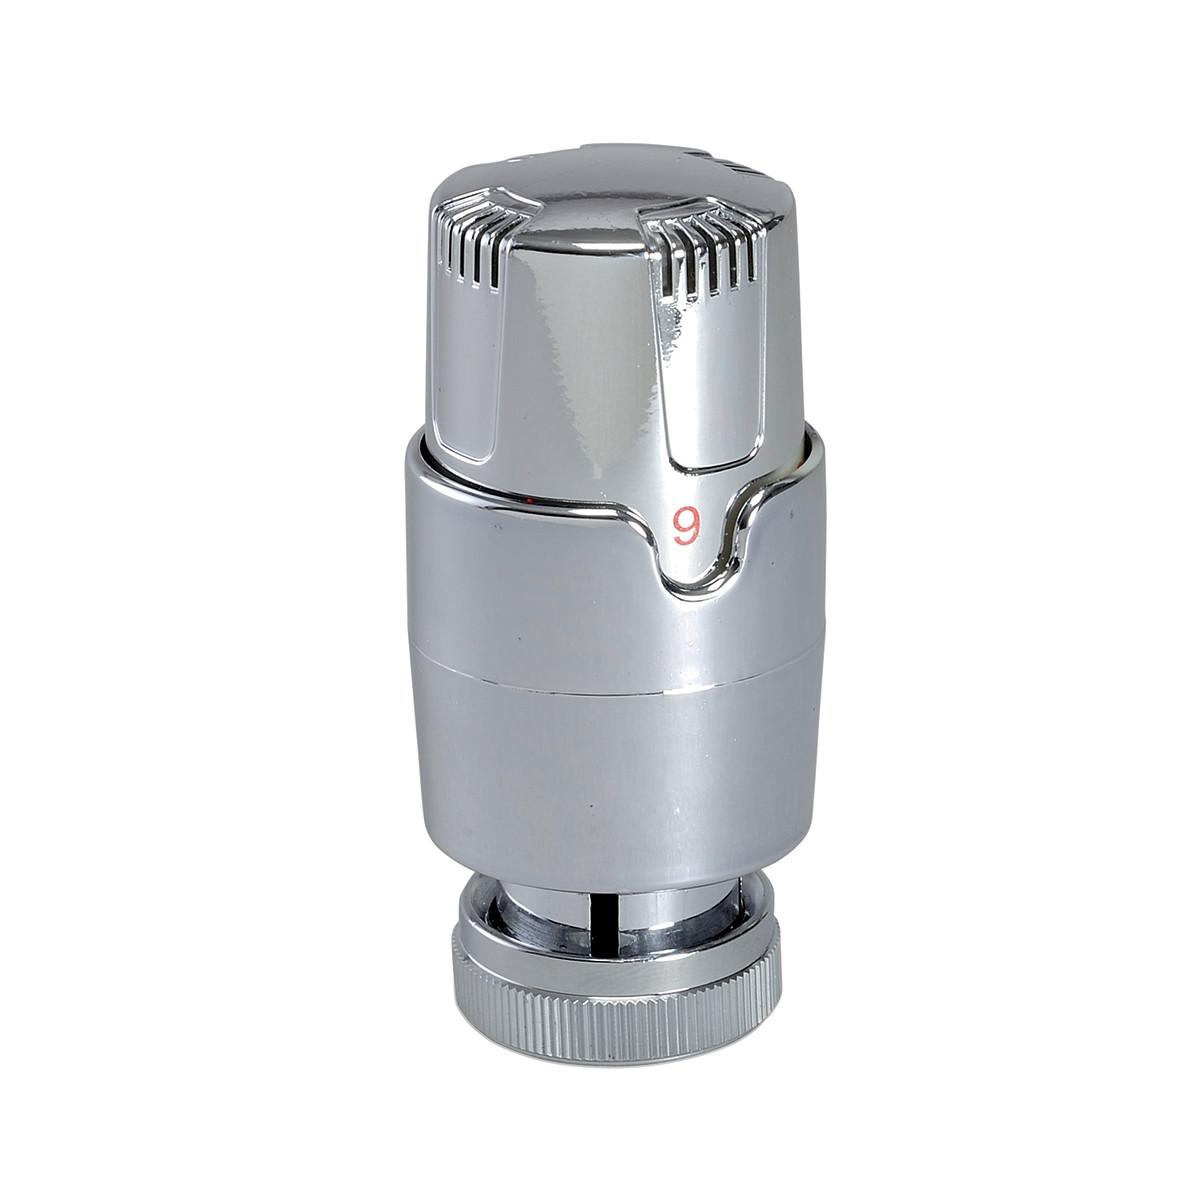 Tado testa termostatica intelligente addizionale v3 for Valvola termostatica tado